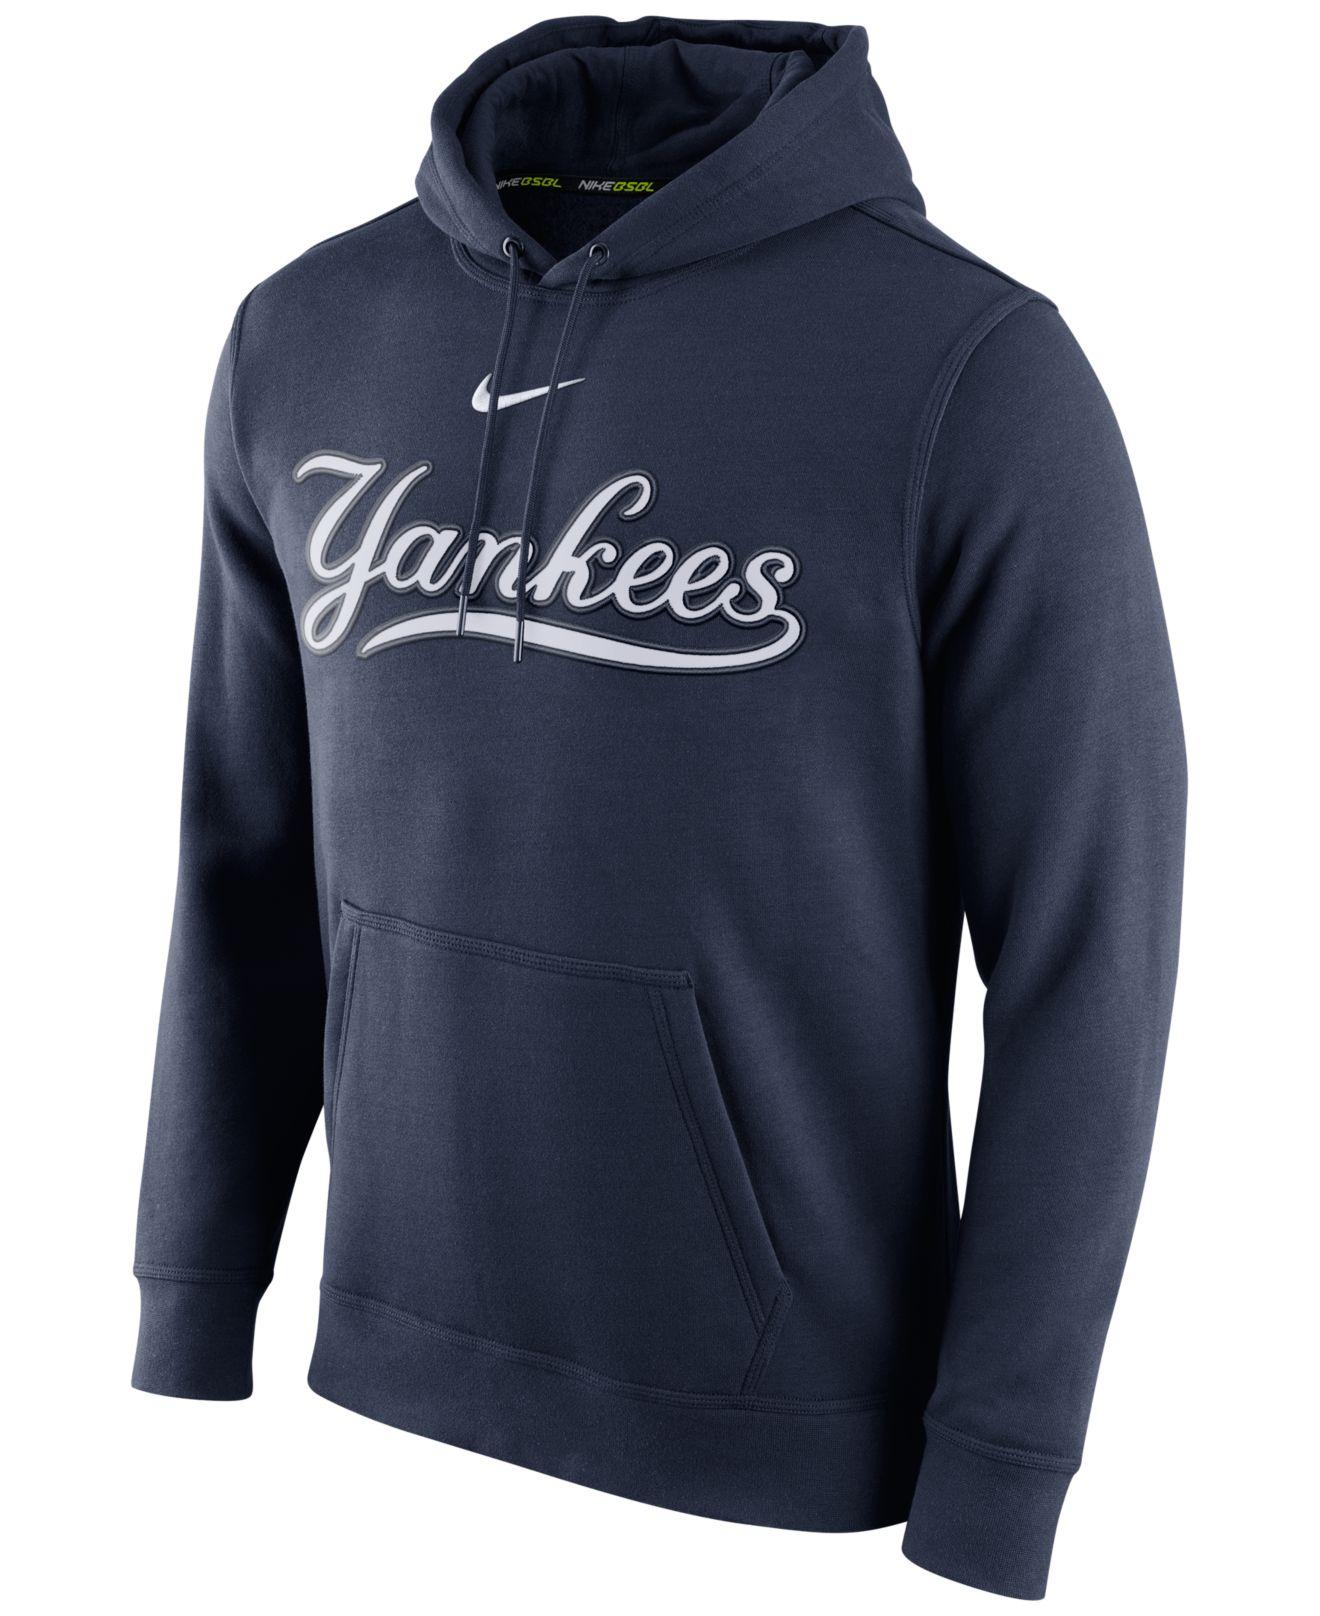 New nike hoodie